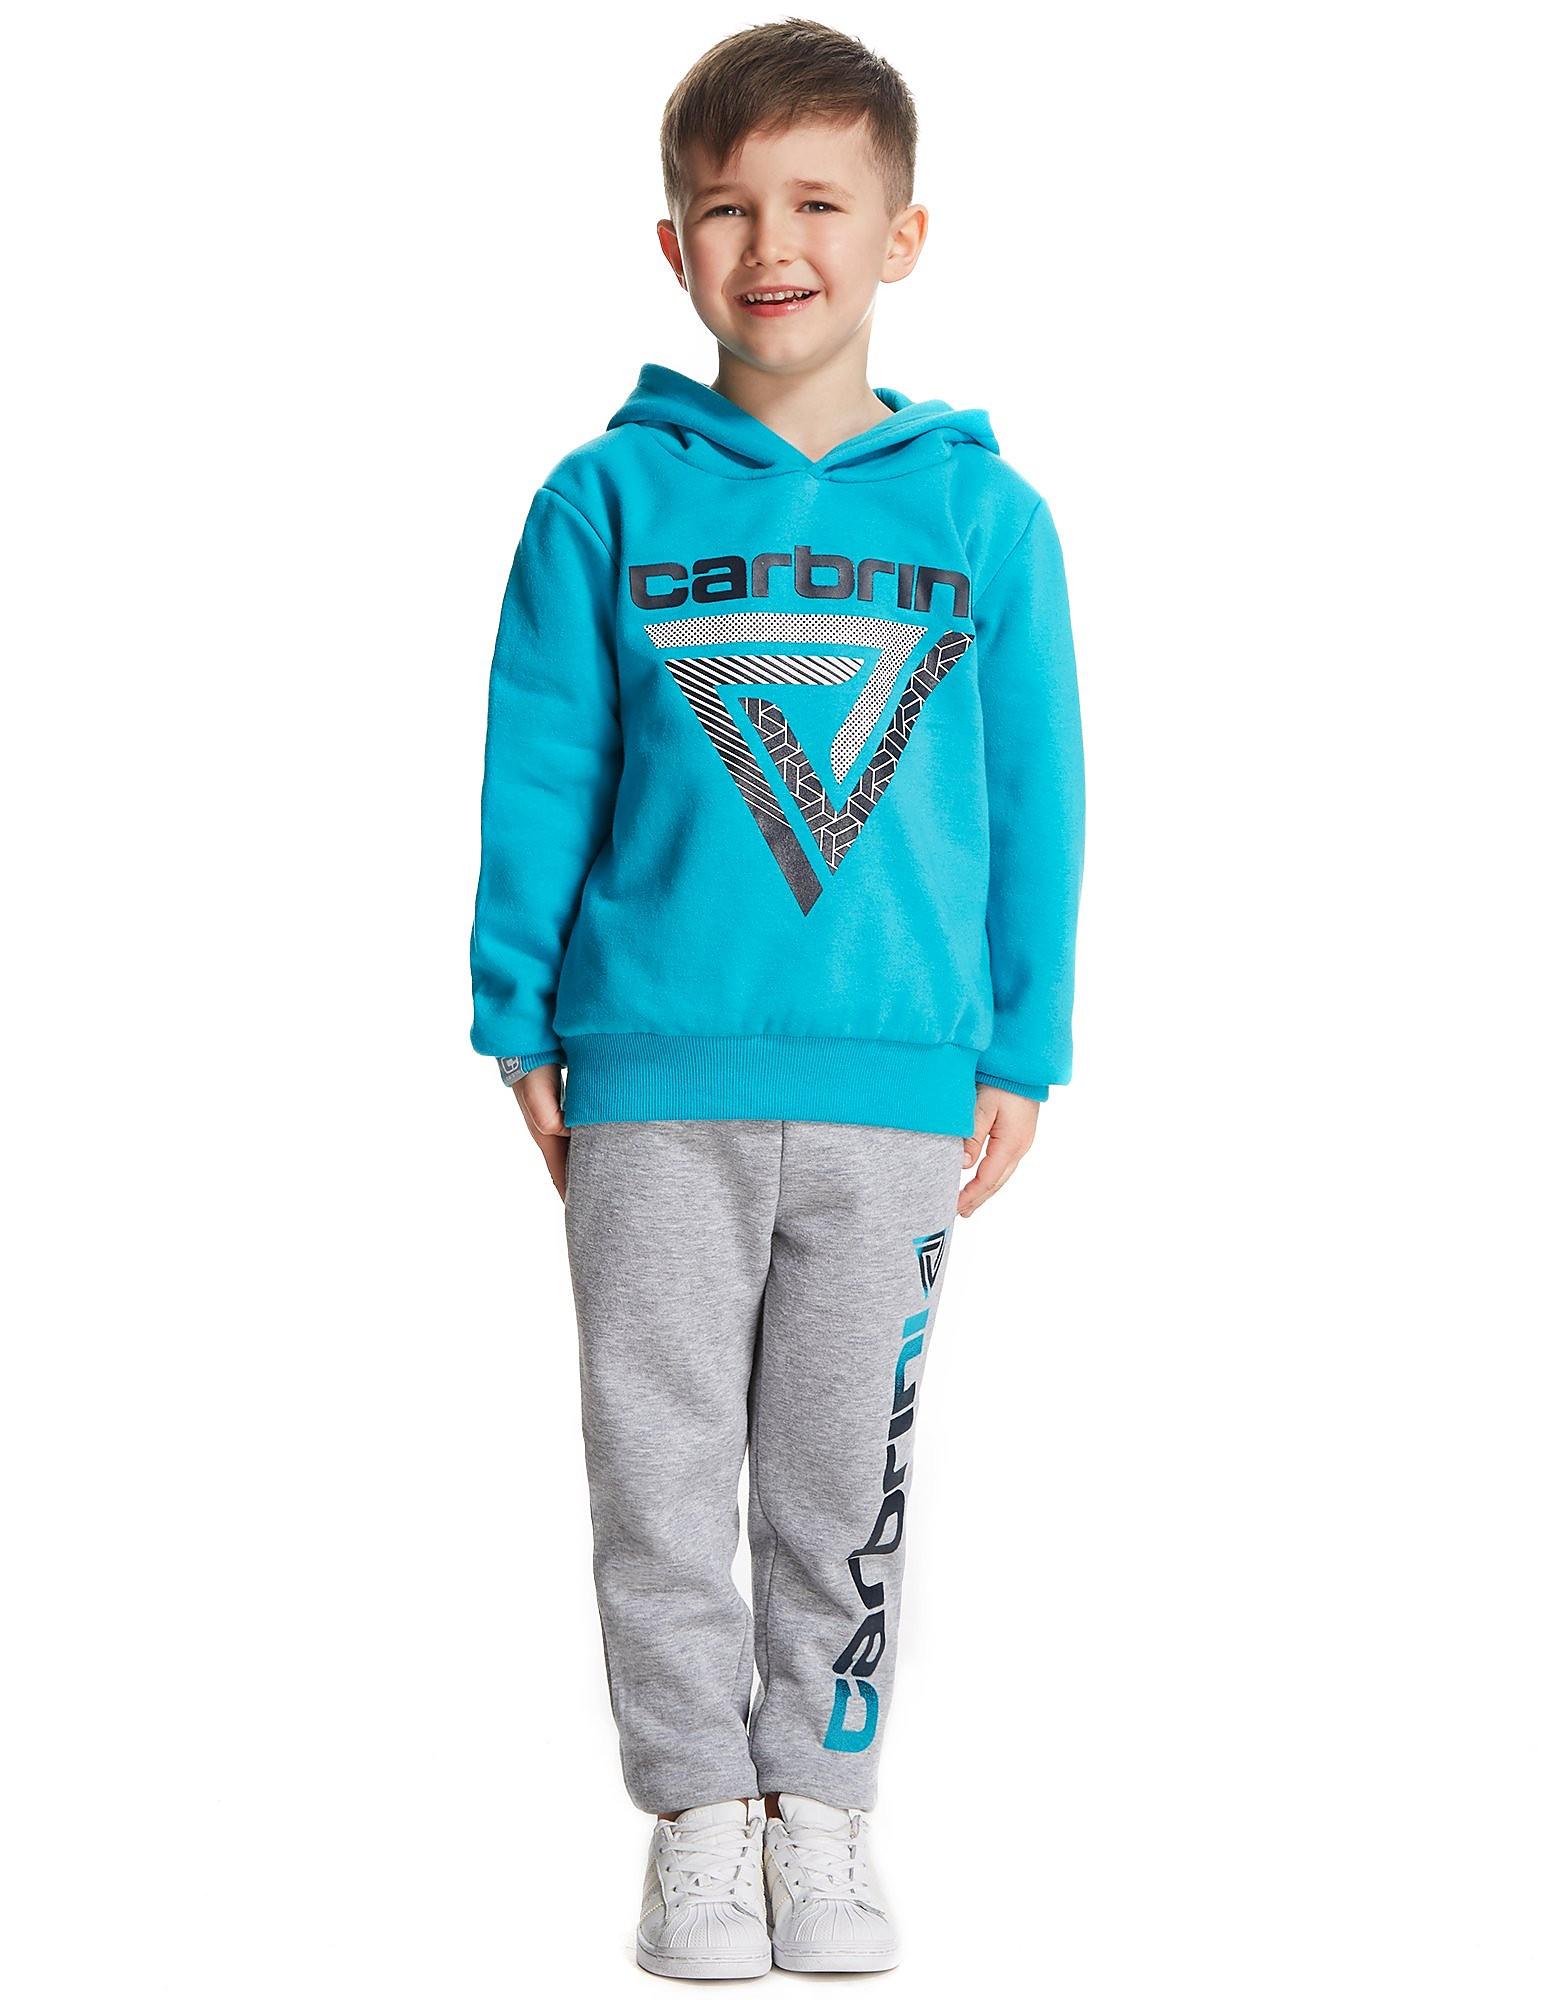 Carbrini Aster Overhead Suit Children